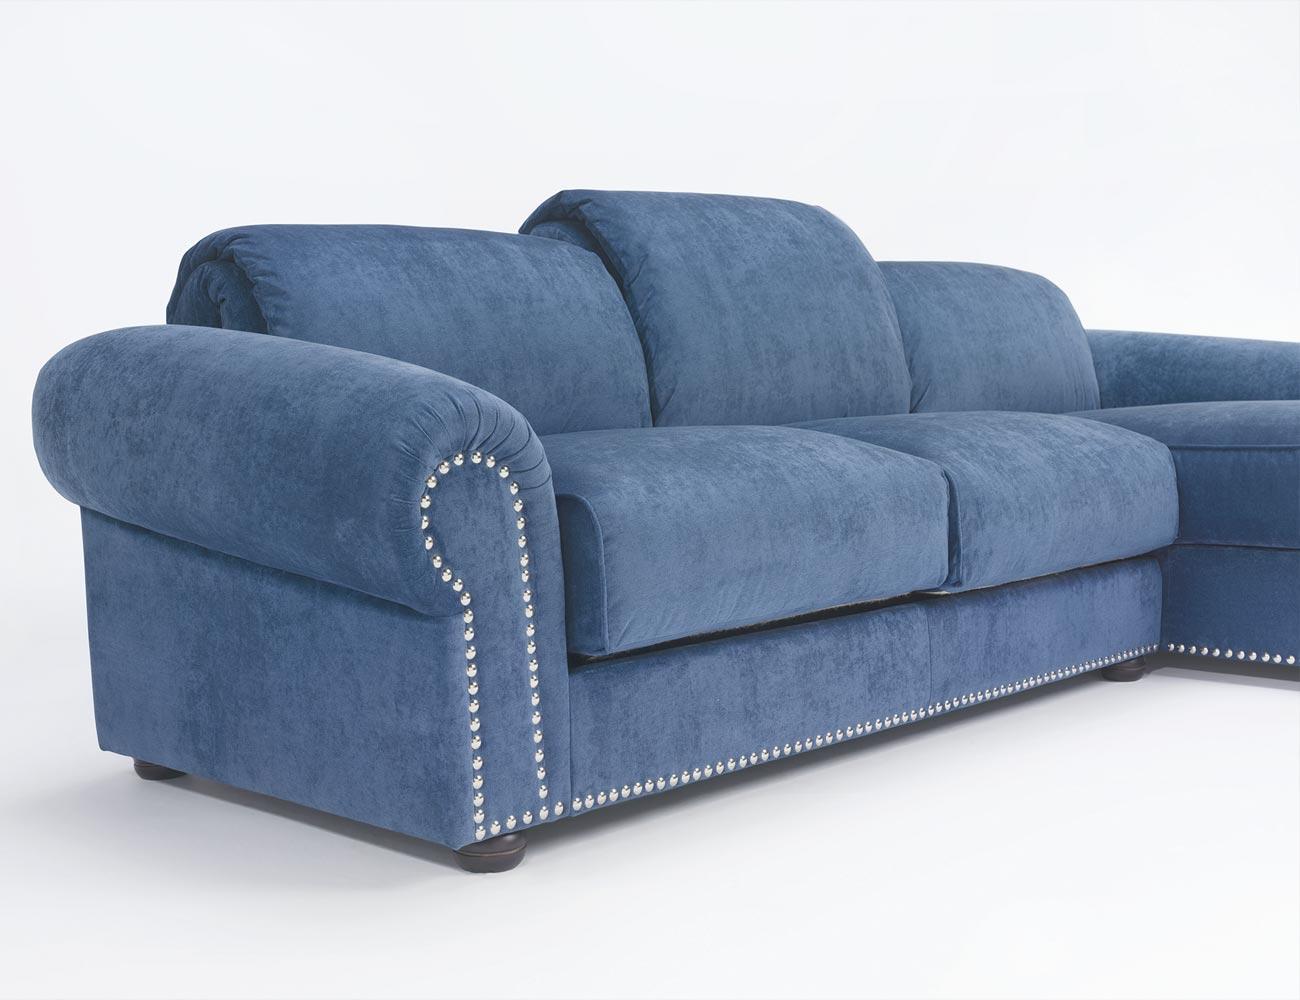 Sofa chaiselongue gran lujo decorativo azul 13